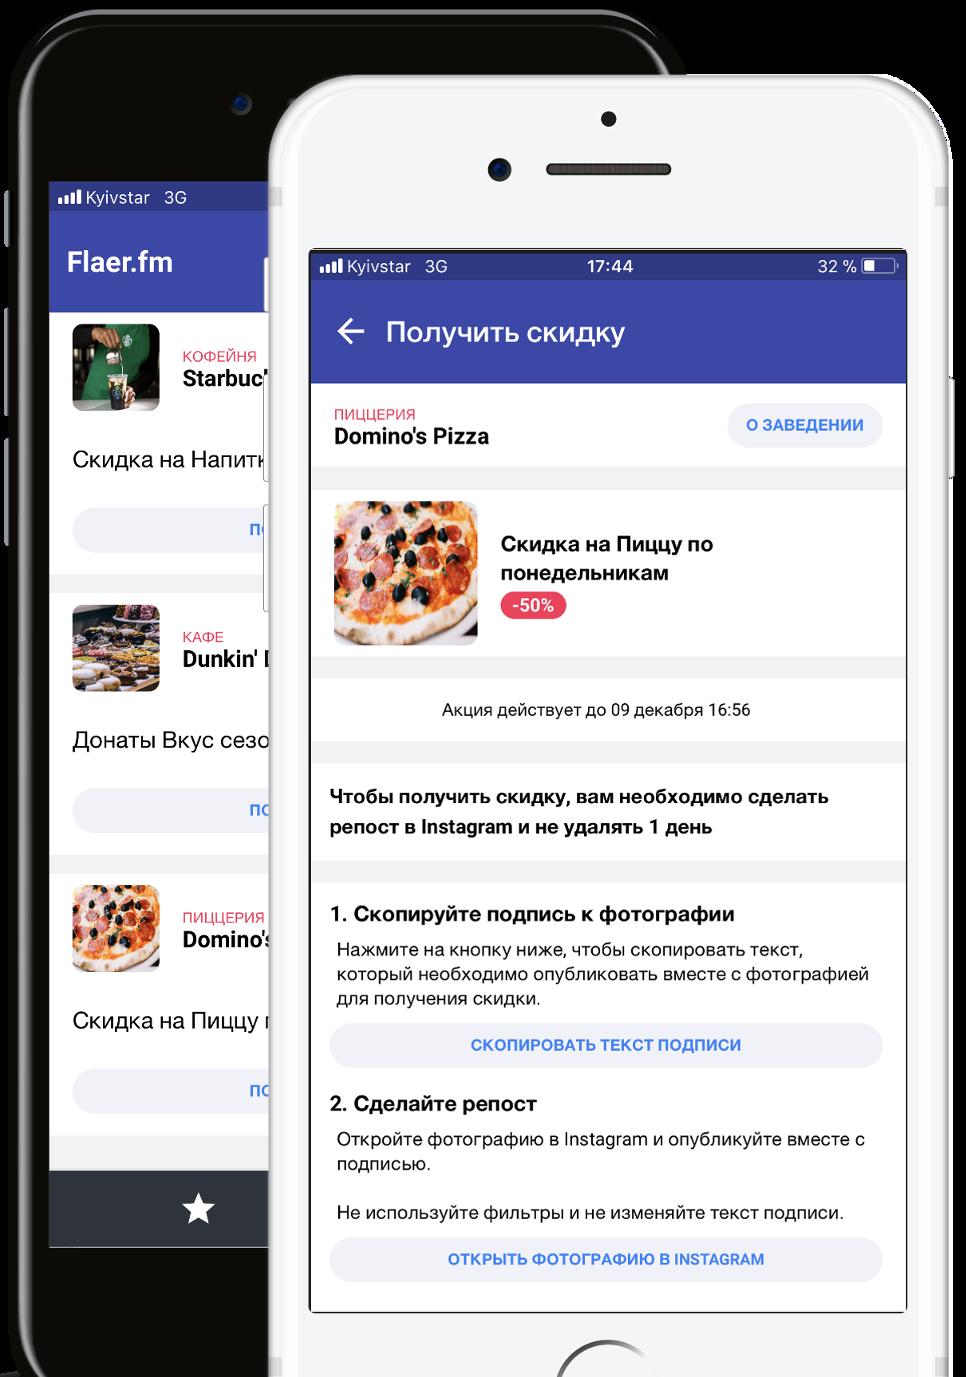 Как сделать репост в инстаграме на айфоне 5s с текстом и фото